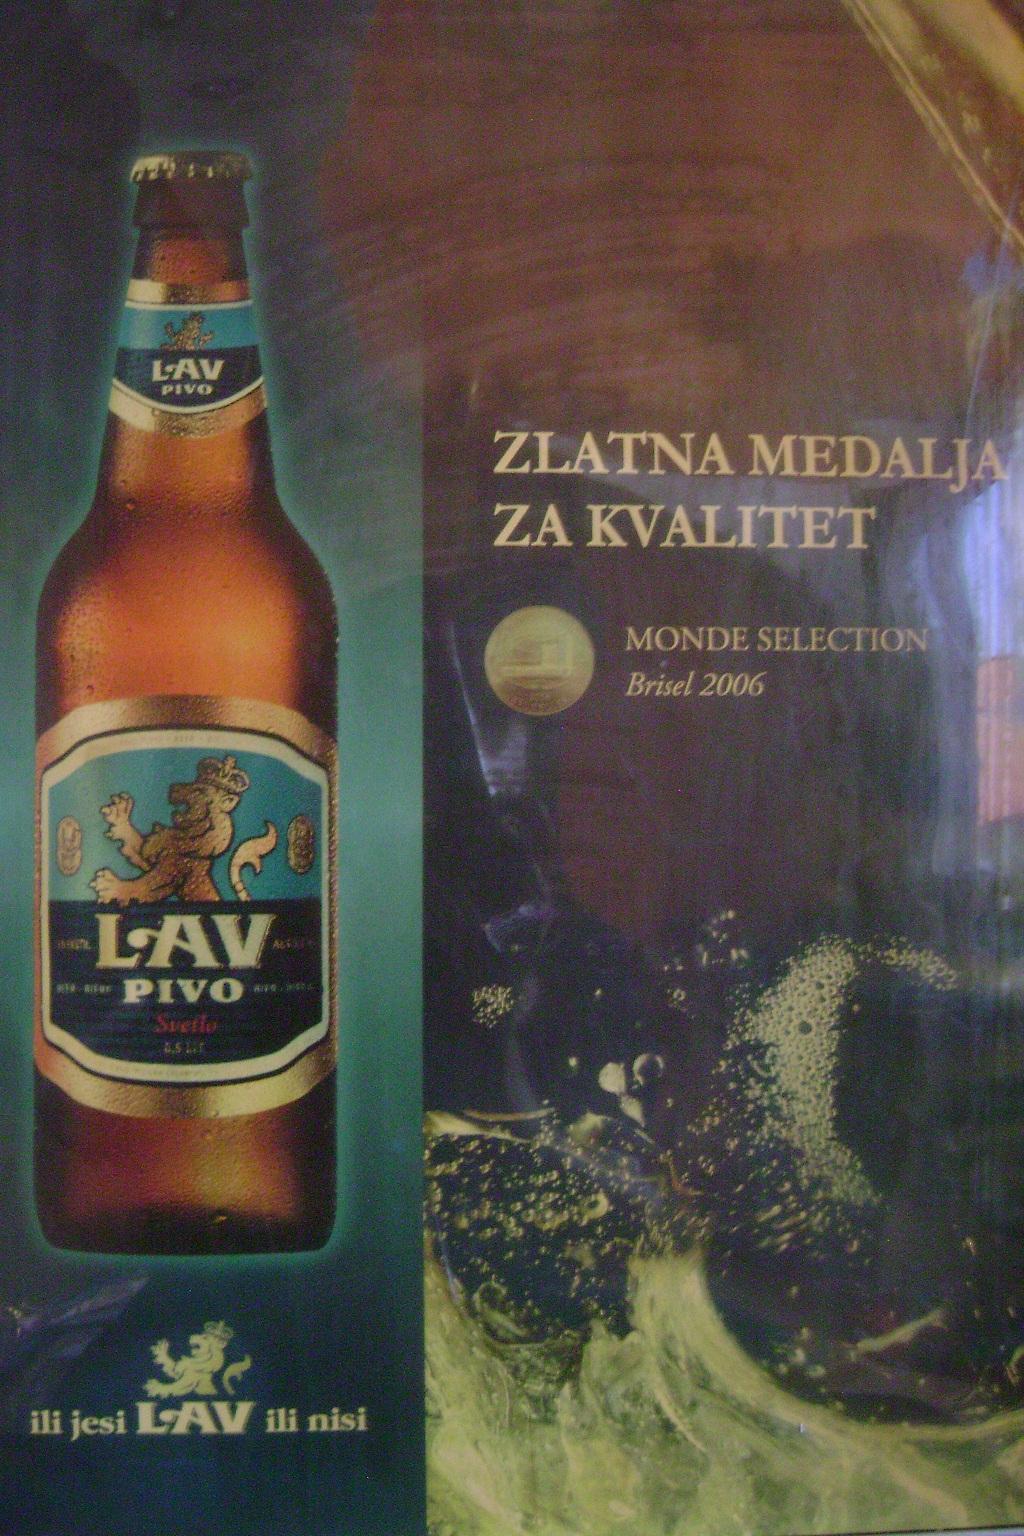 Reklama_kartonska_Lav_pivo__2.JPG